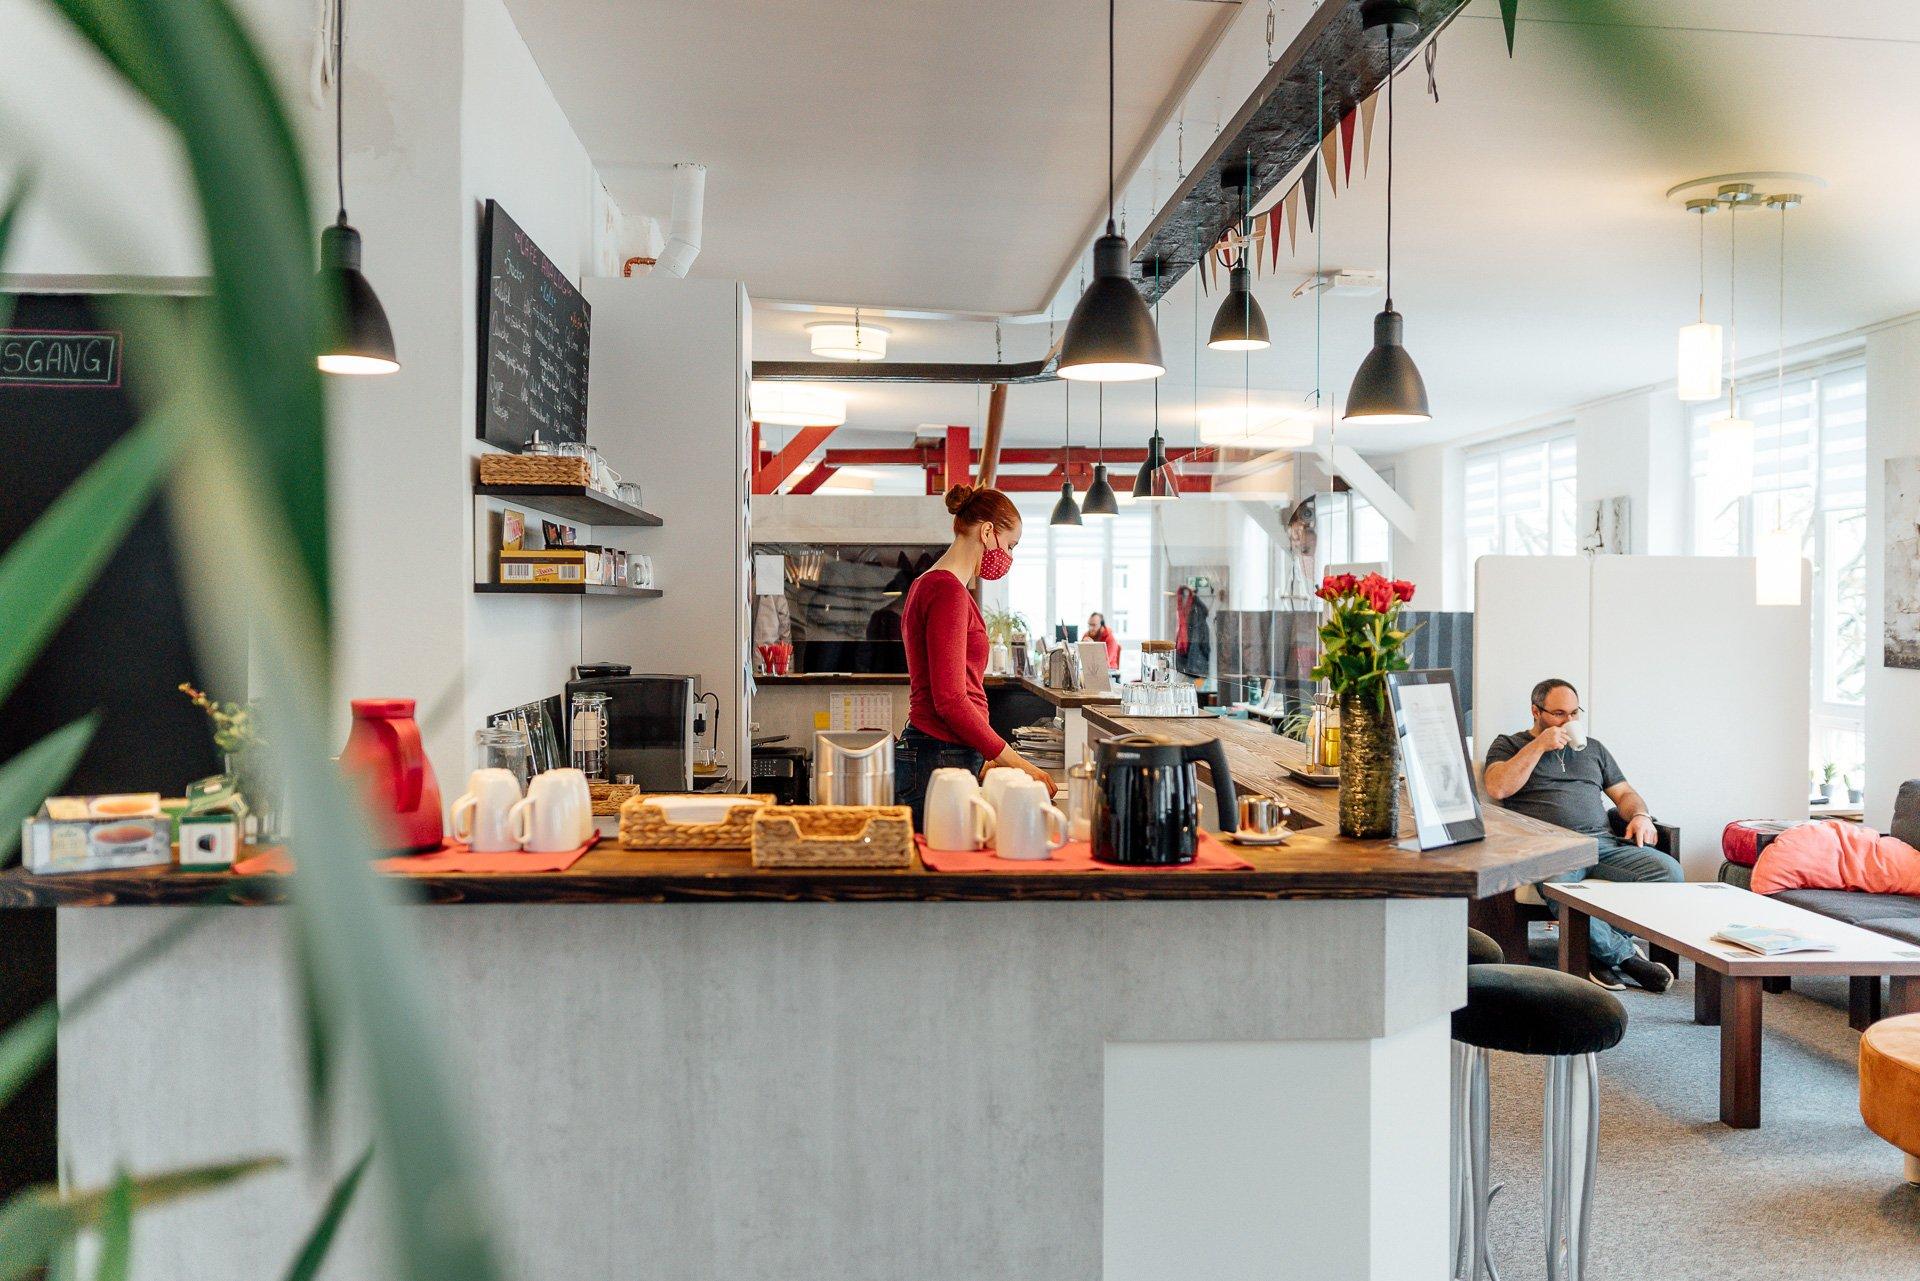 das gemütliche Café Analog in der CoWorkBude